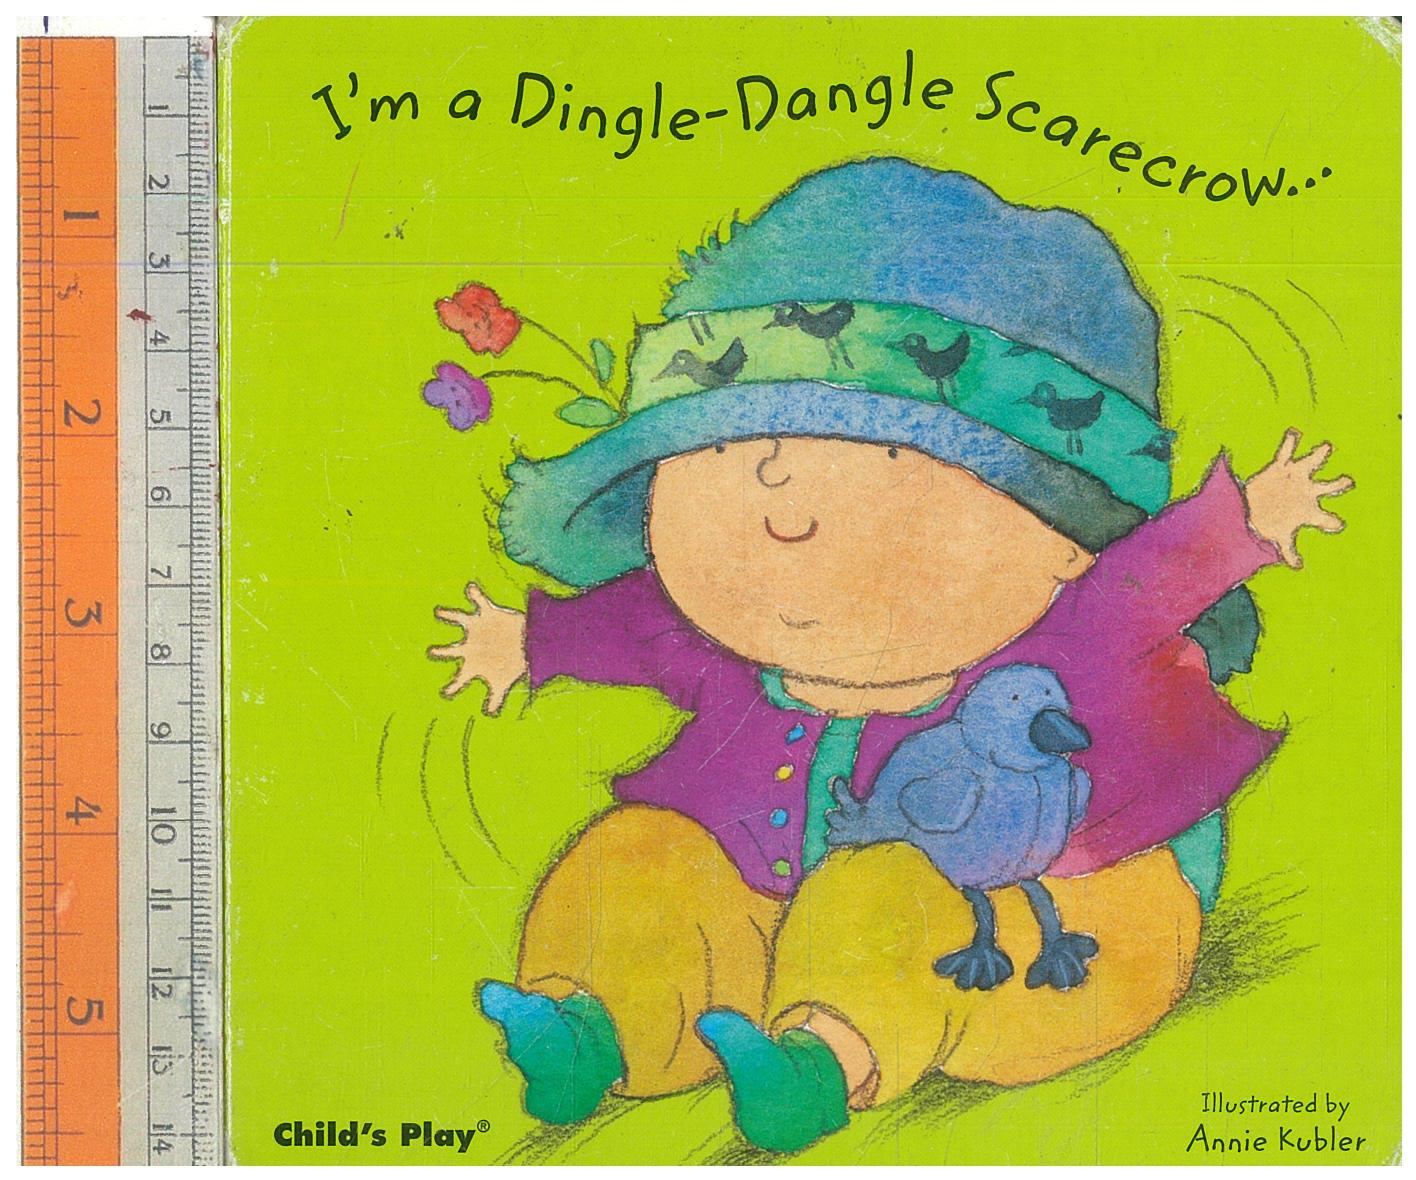 I'am a Dingle-Dangle